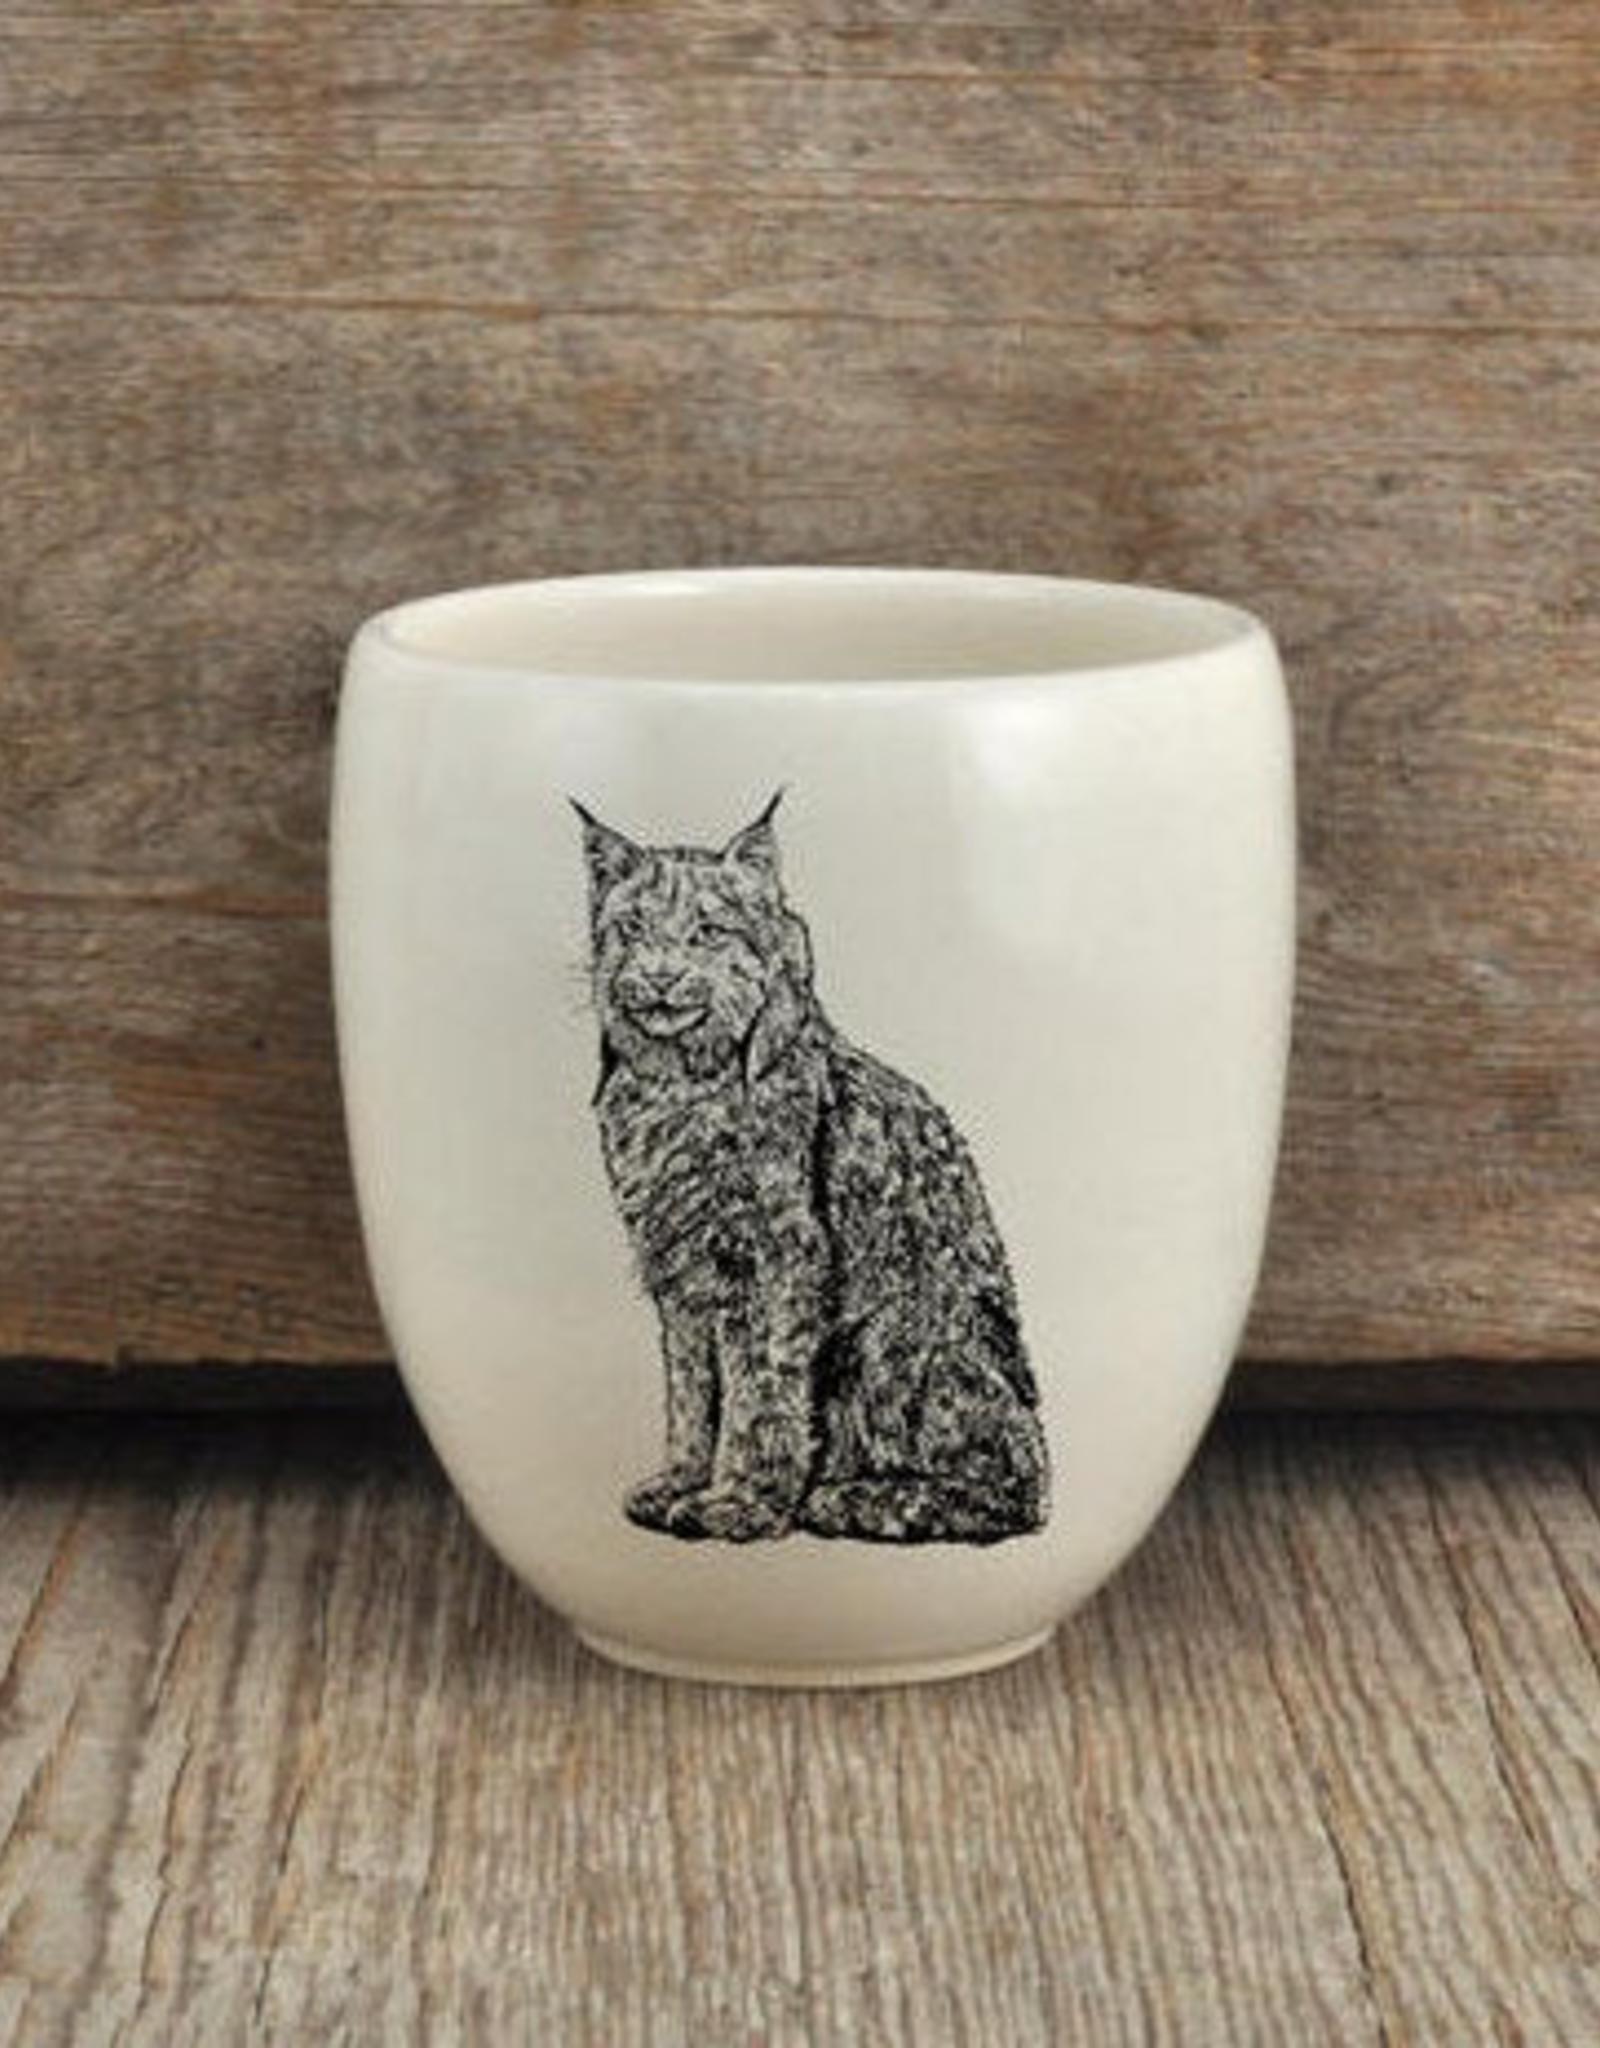 Artisan Made Tumbler - Lynx